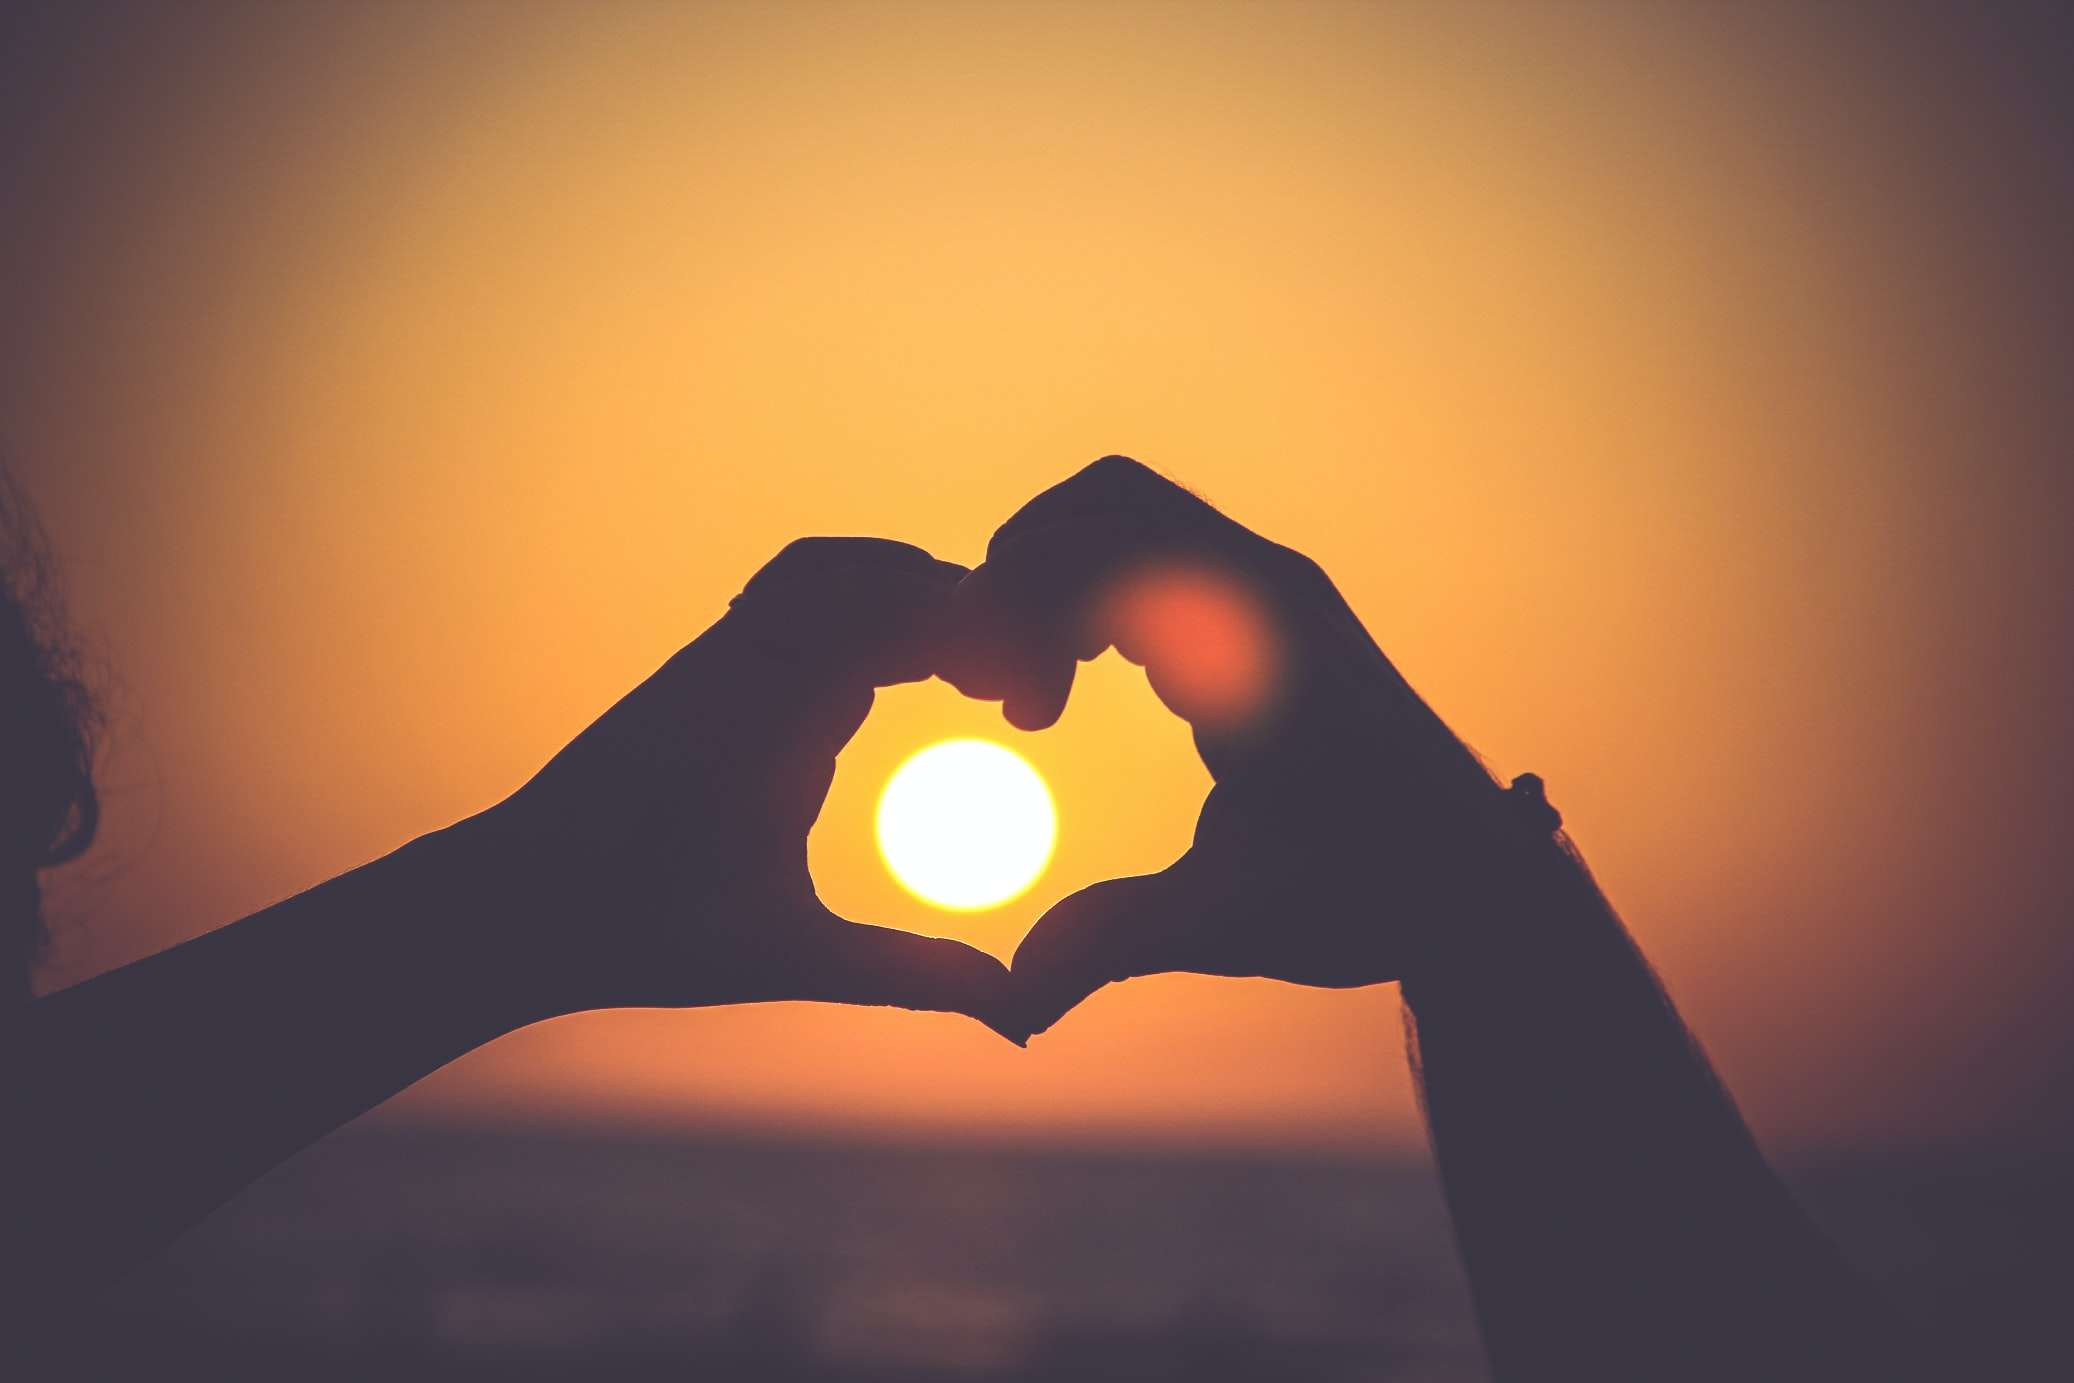 ręce złączone na kształ serca na tle słońca; źródło: unsplash